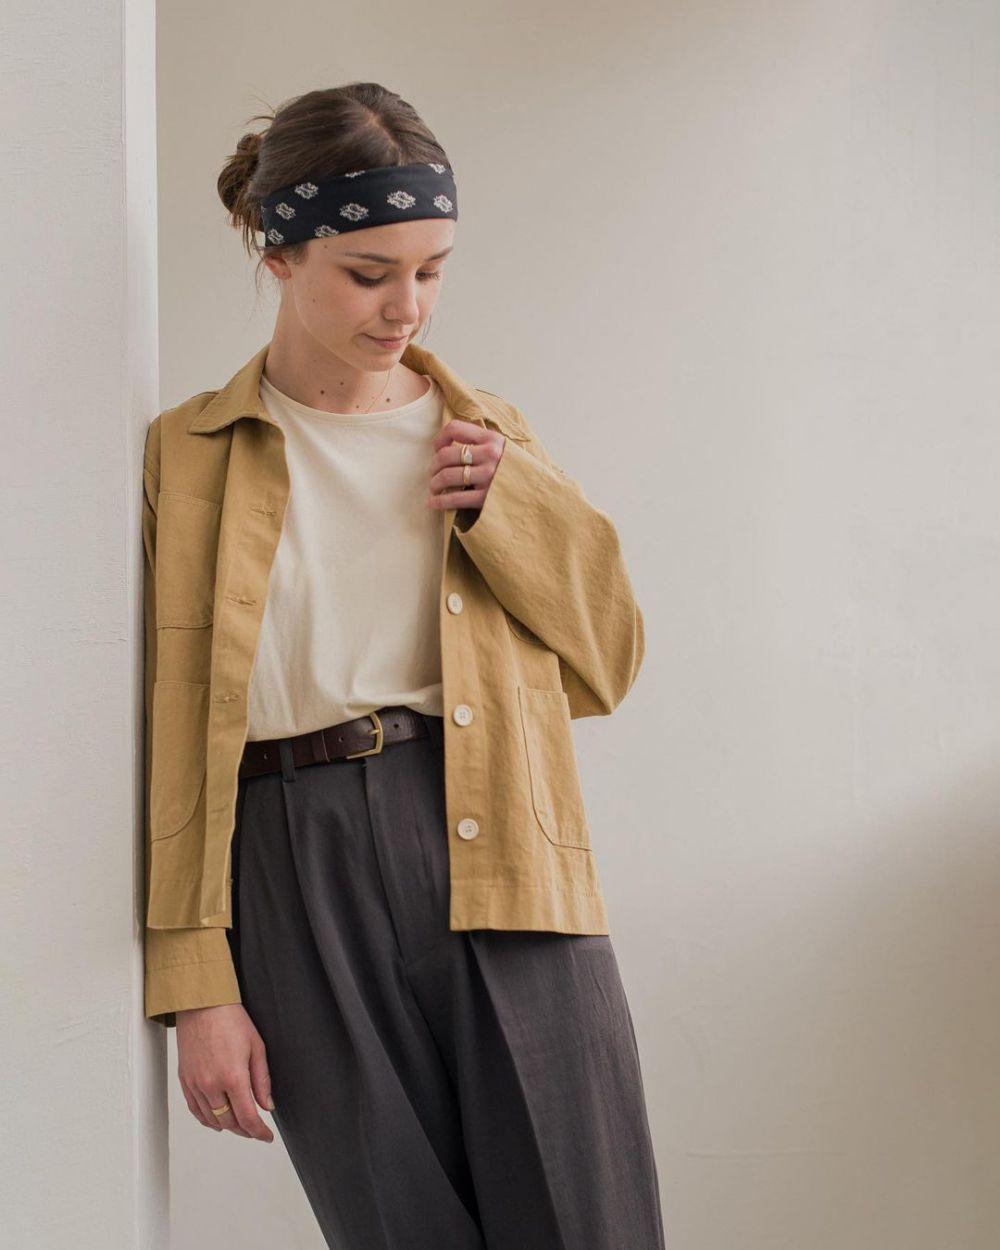 11 Ide Gaya Kaus Polos Selain Dipakai bareng Celana Denim, Tetap Comfy